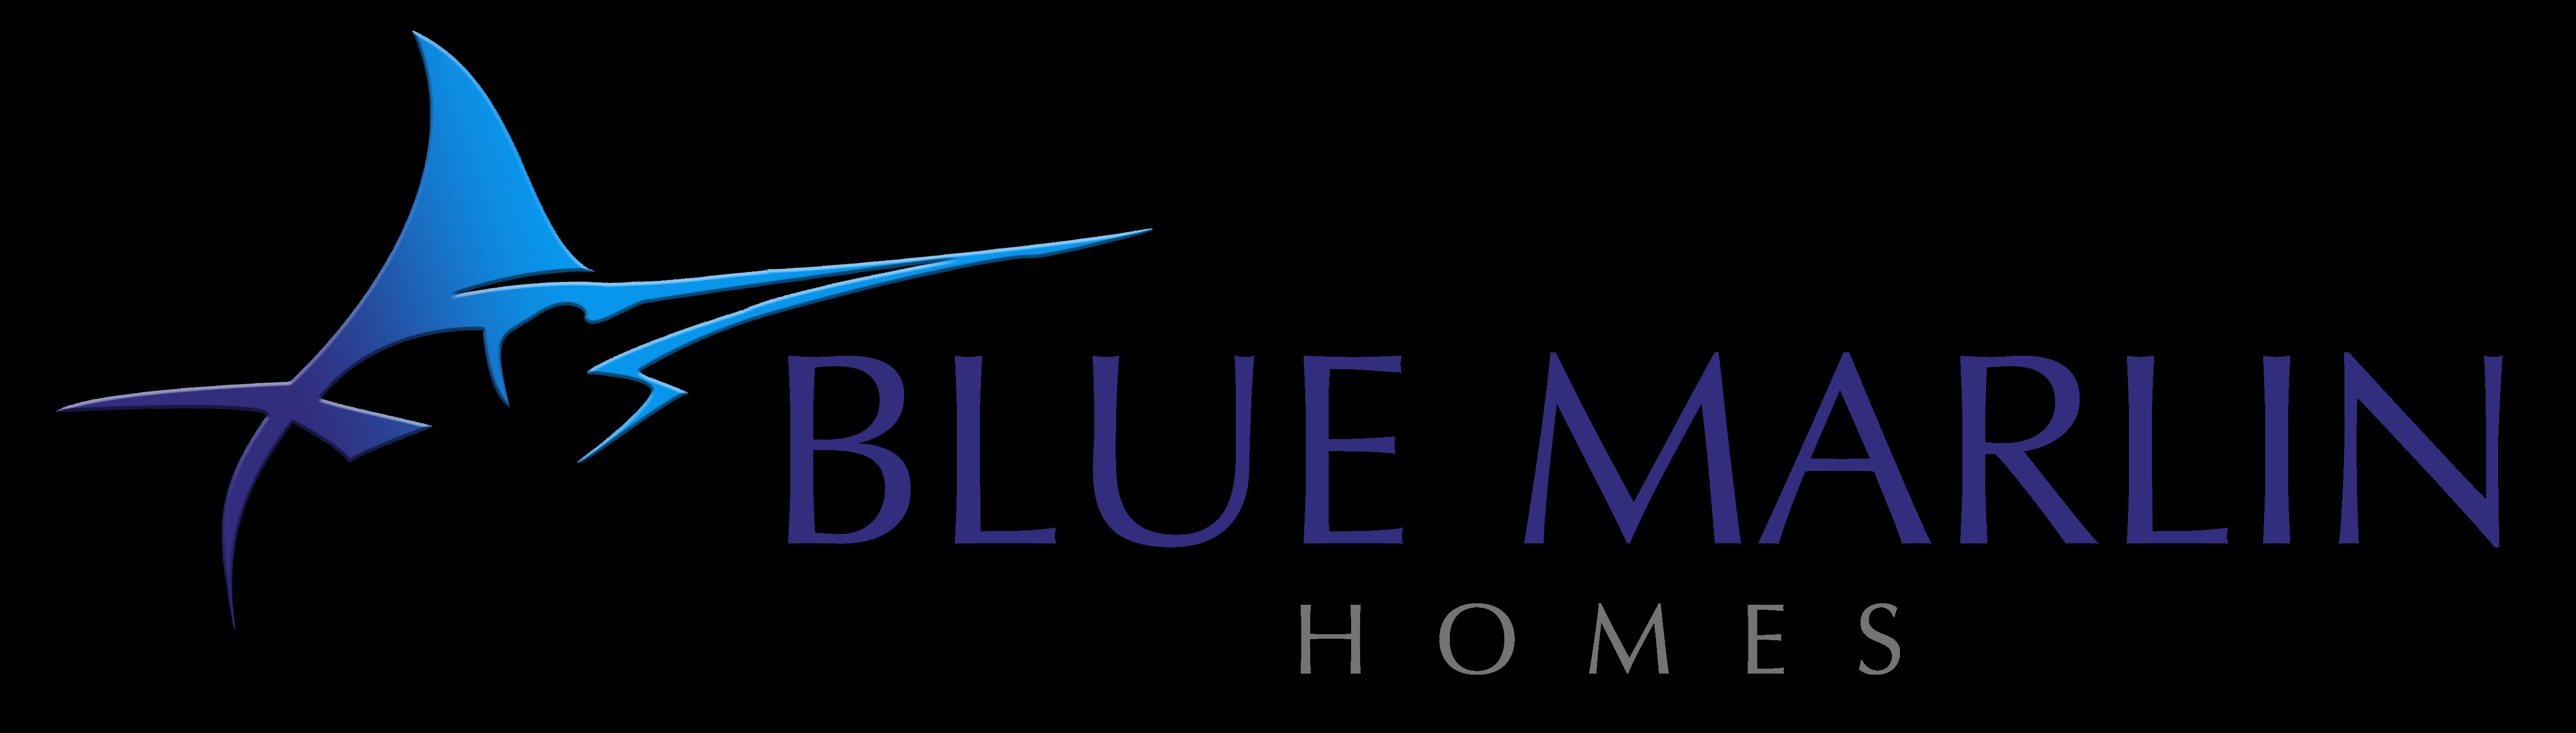 Go Blue Marlin